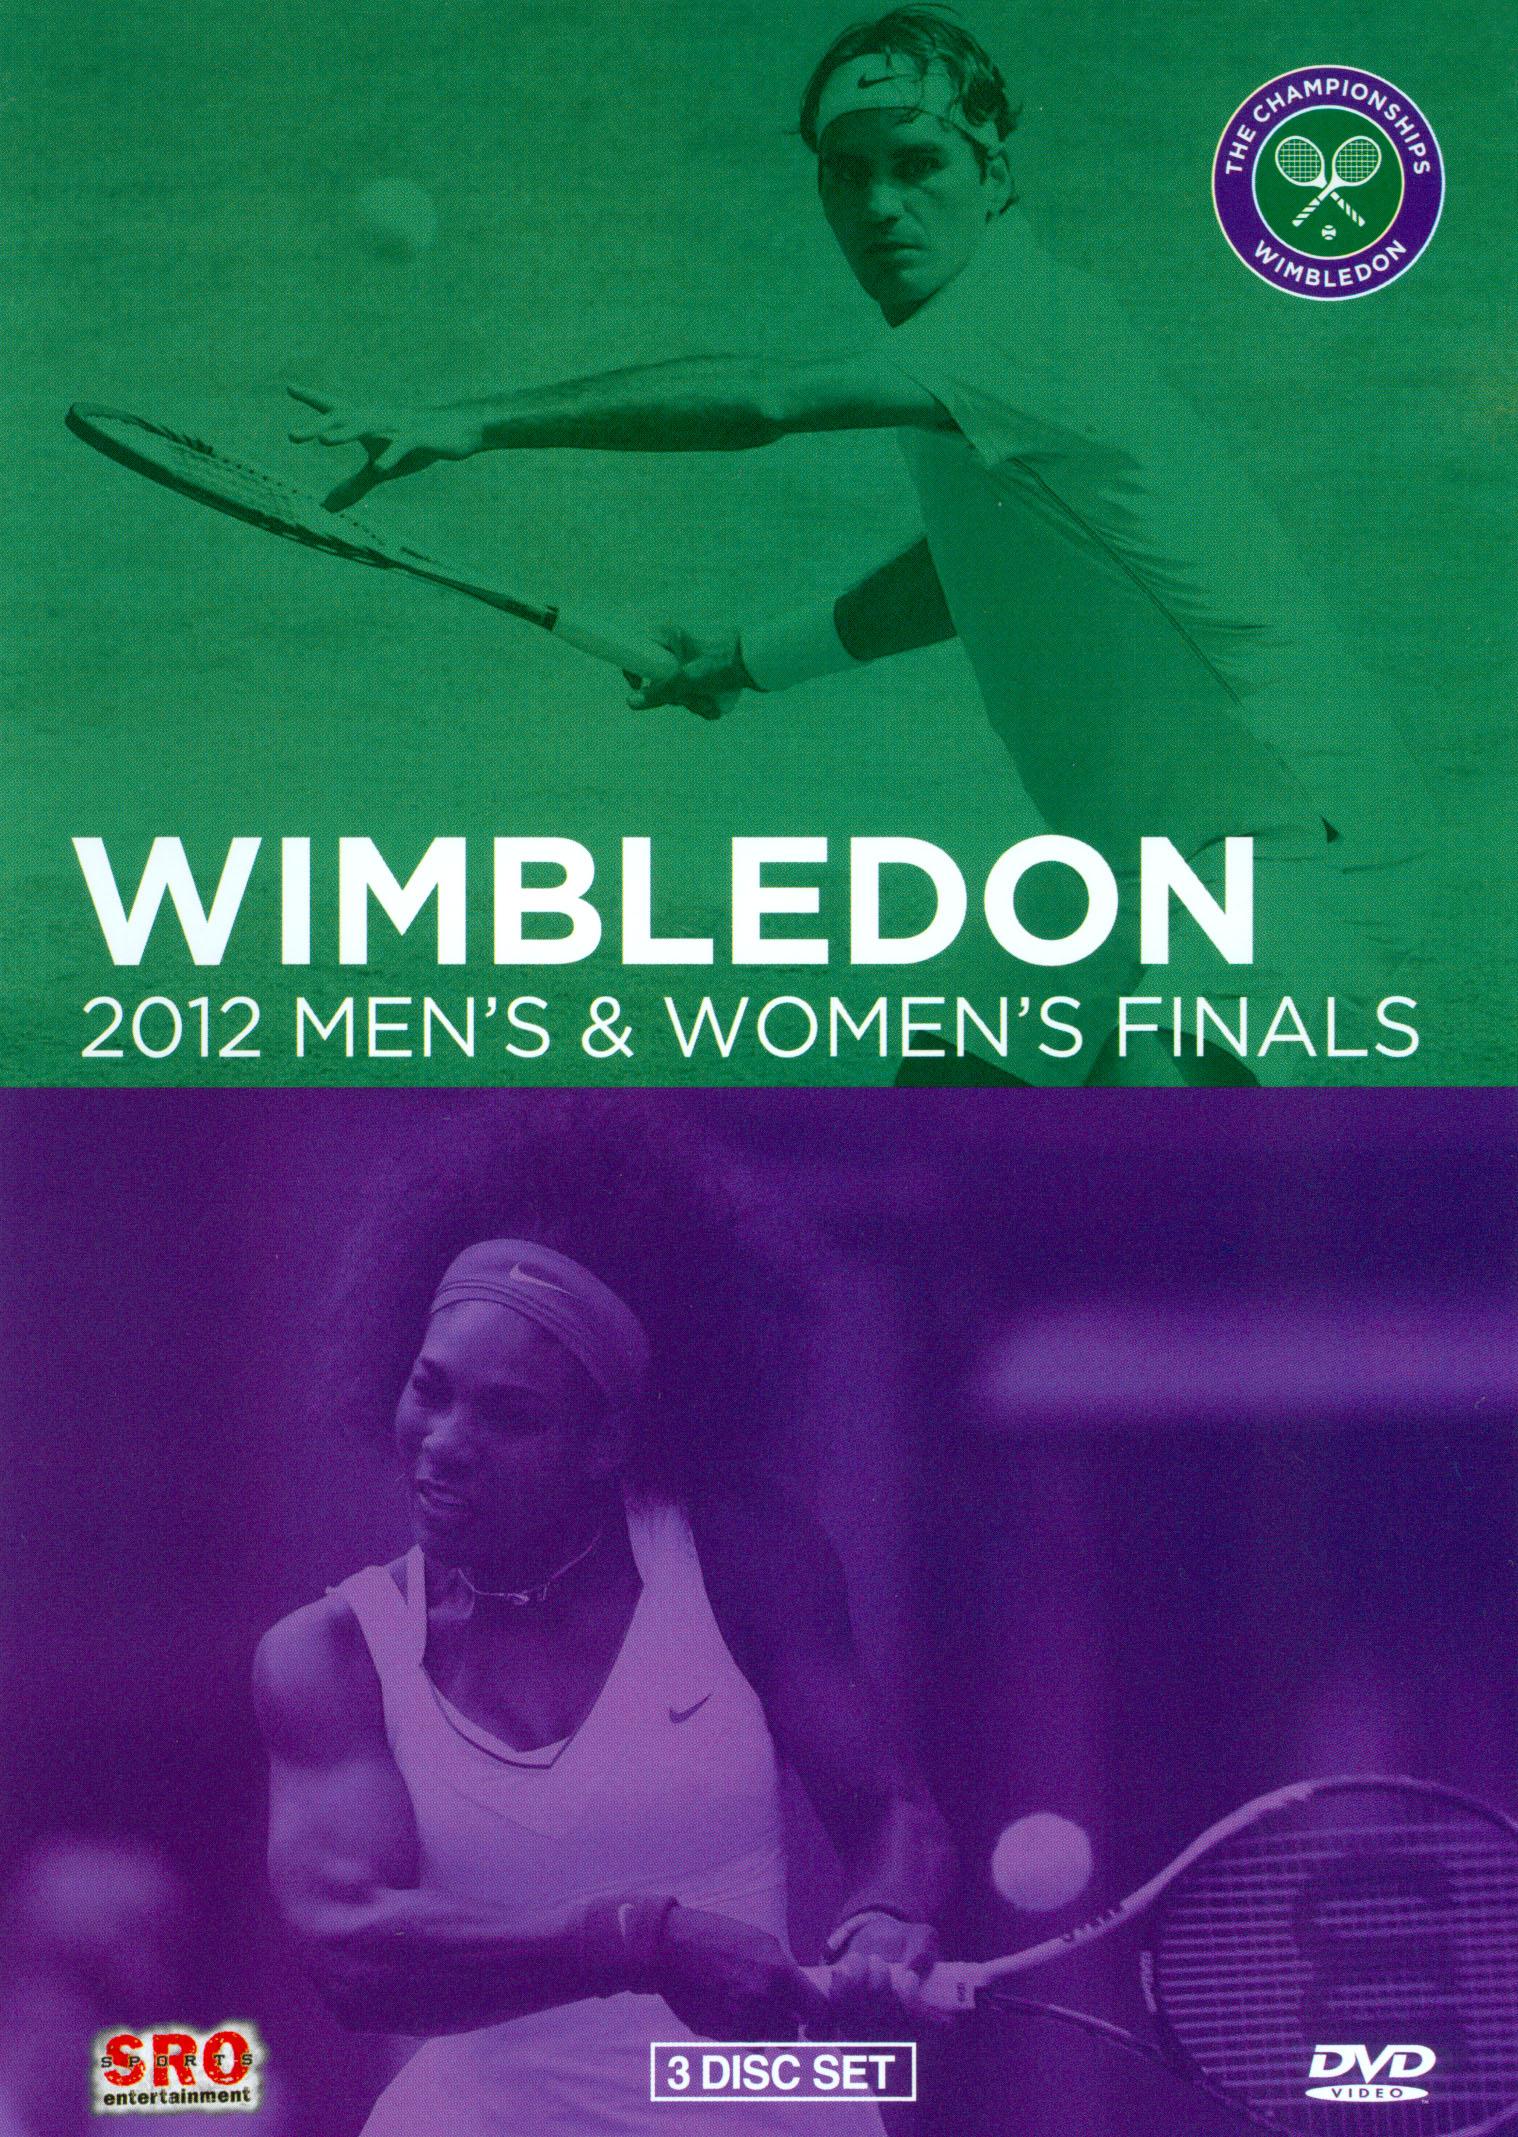 Wimbledon: 2012 Men's & Women's Finals